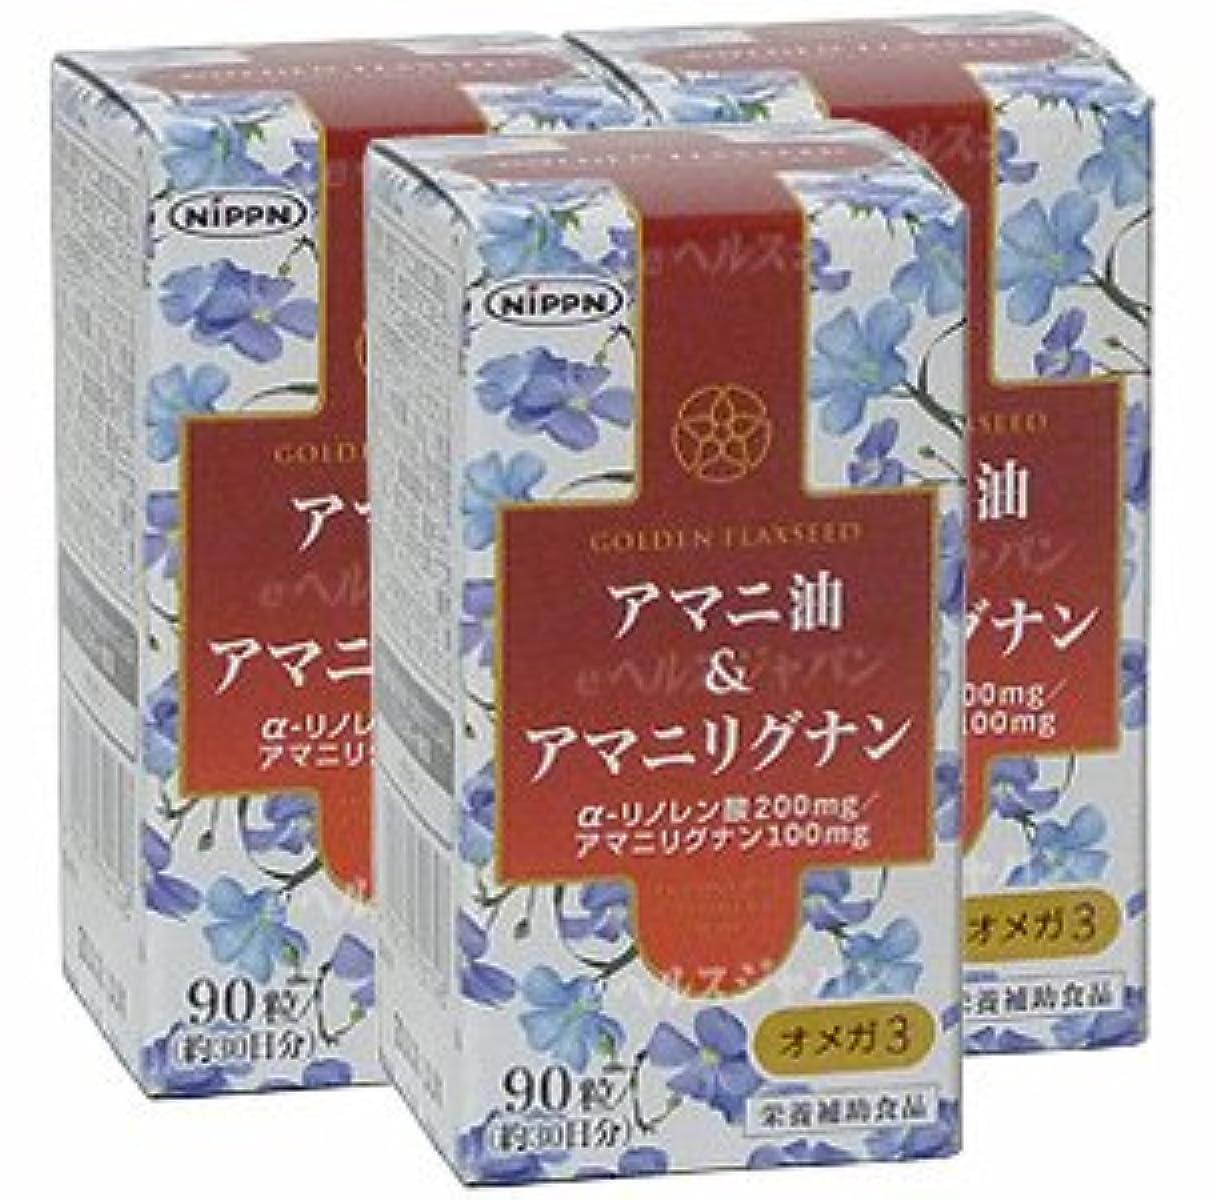 インゲン芝生シンボルアマニ油&アマニリグナン【3本セット】日本製粉